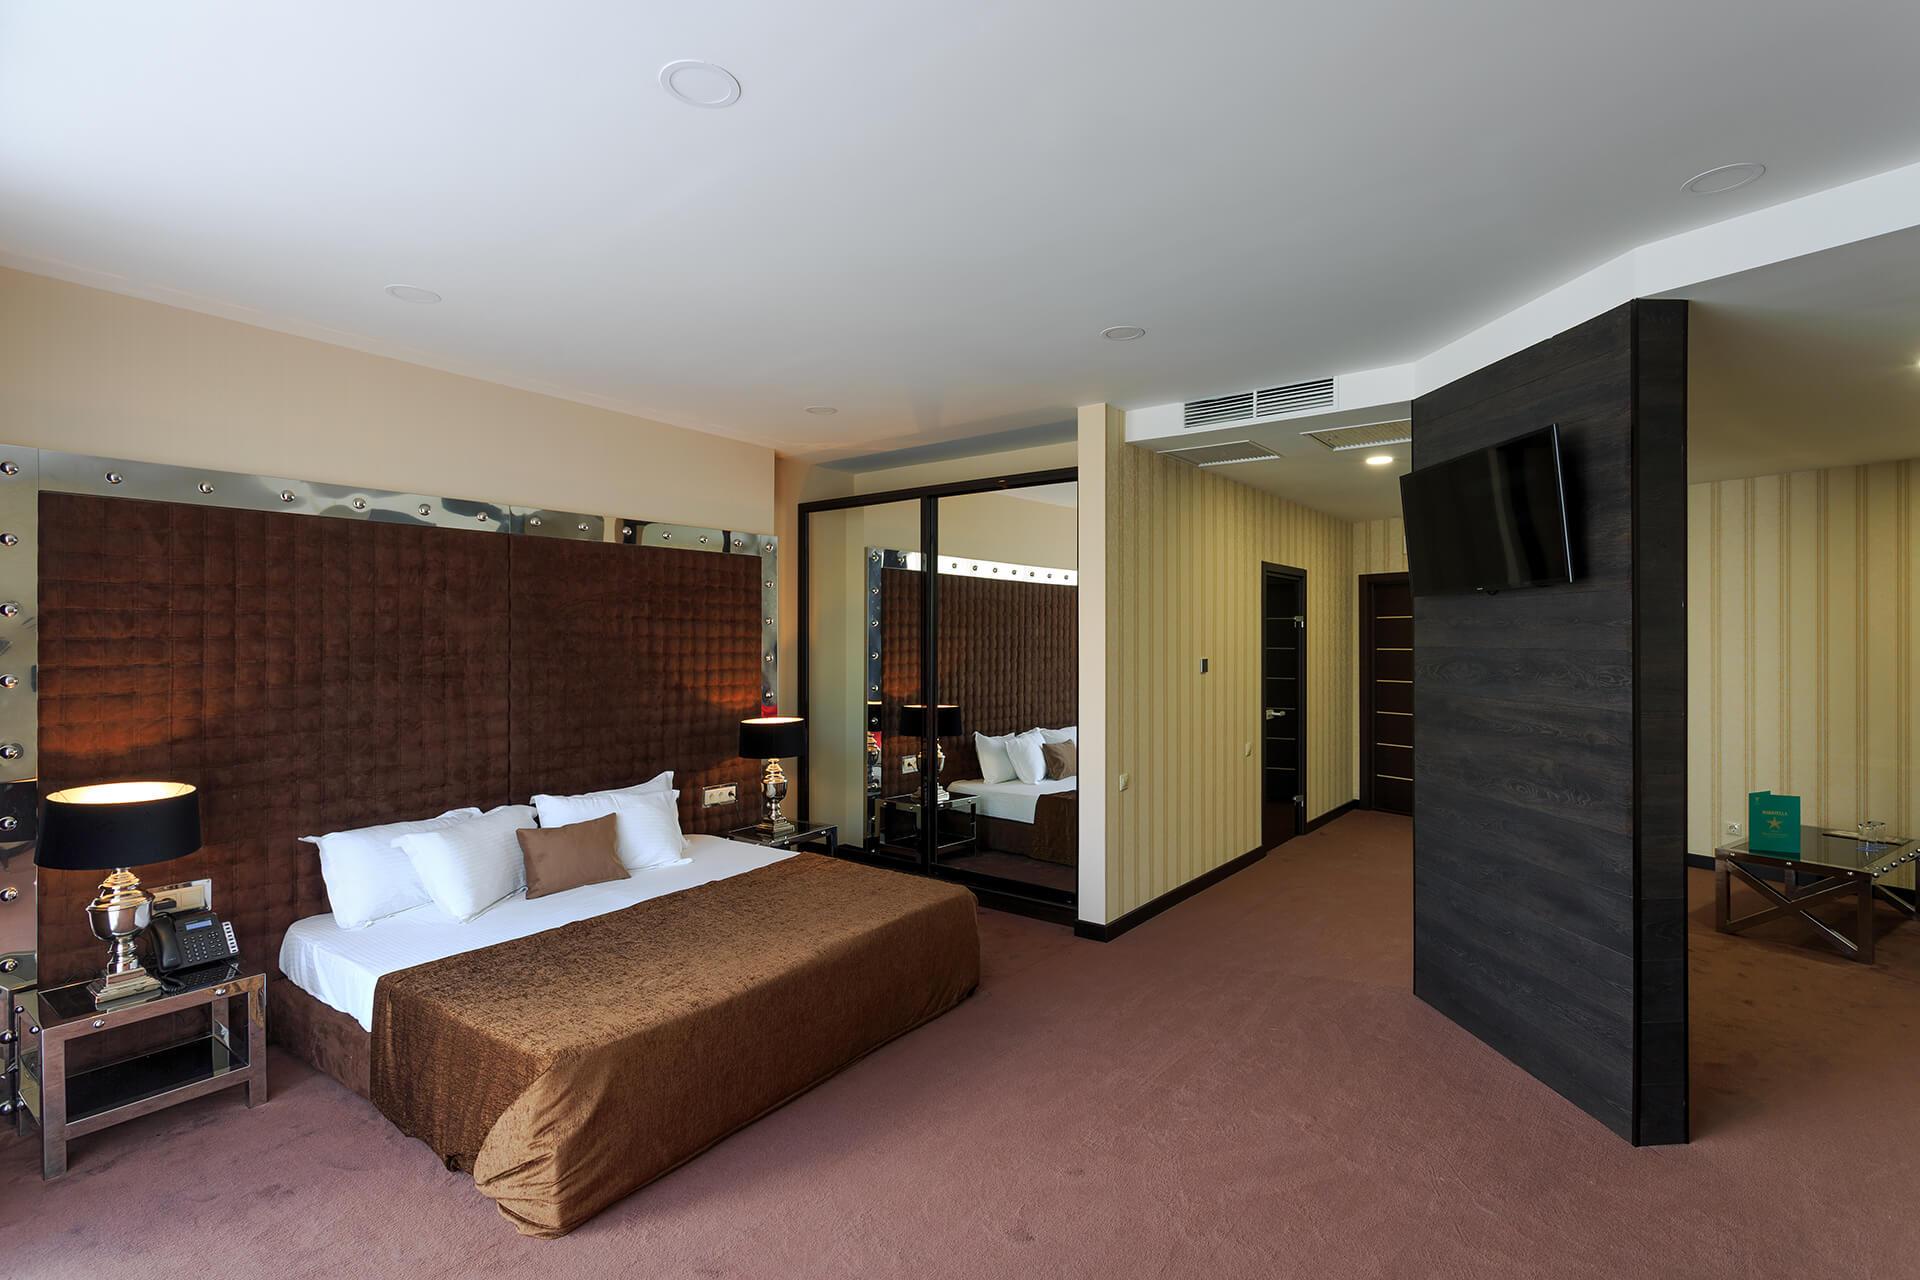 Номер Люкс отеля Maristella главная